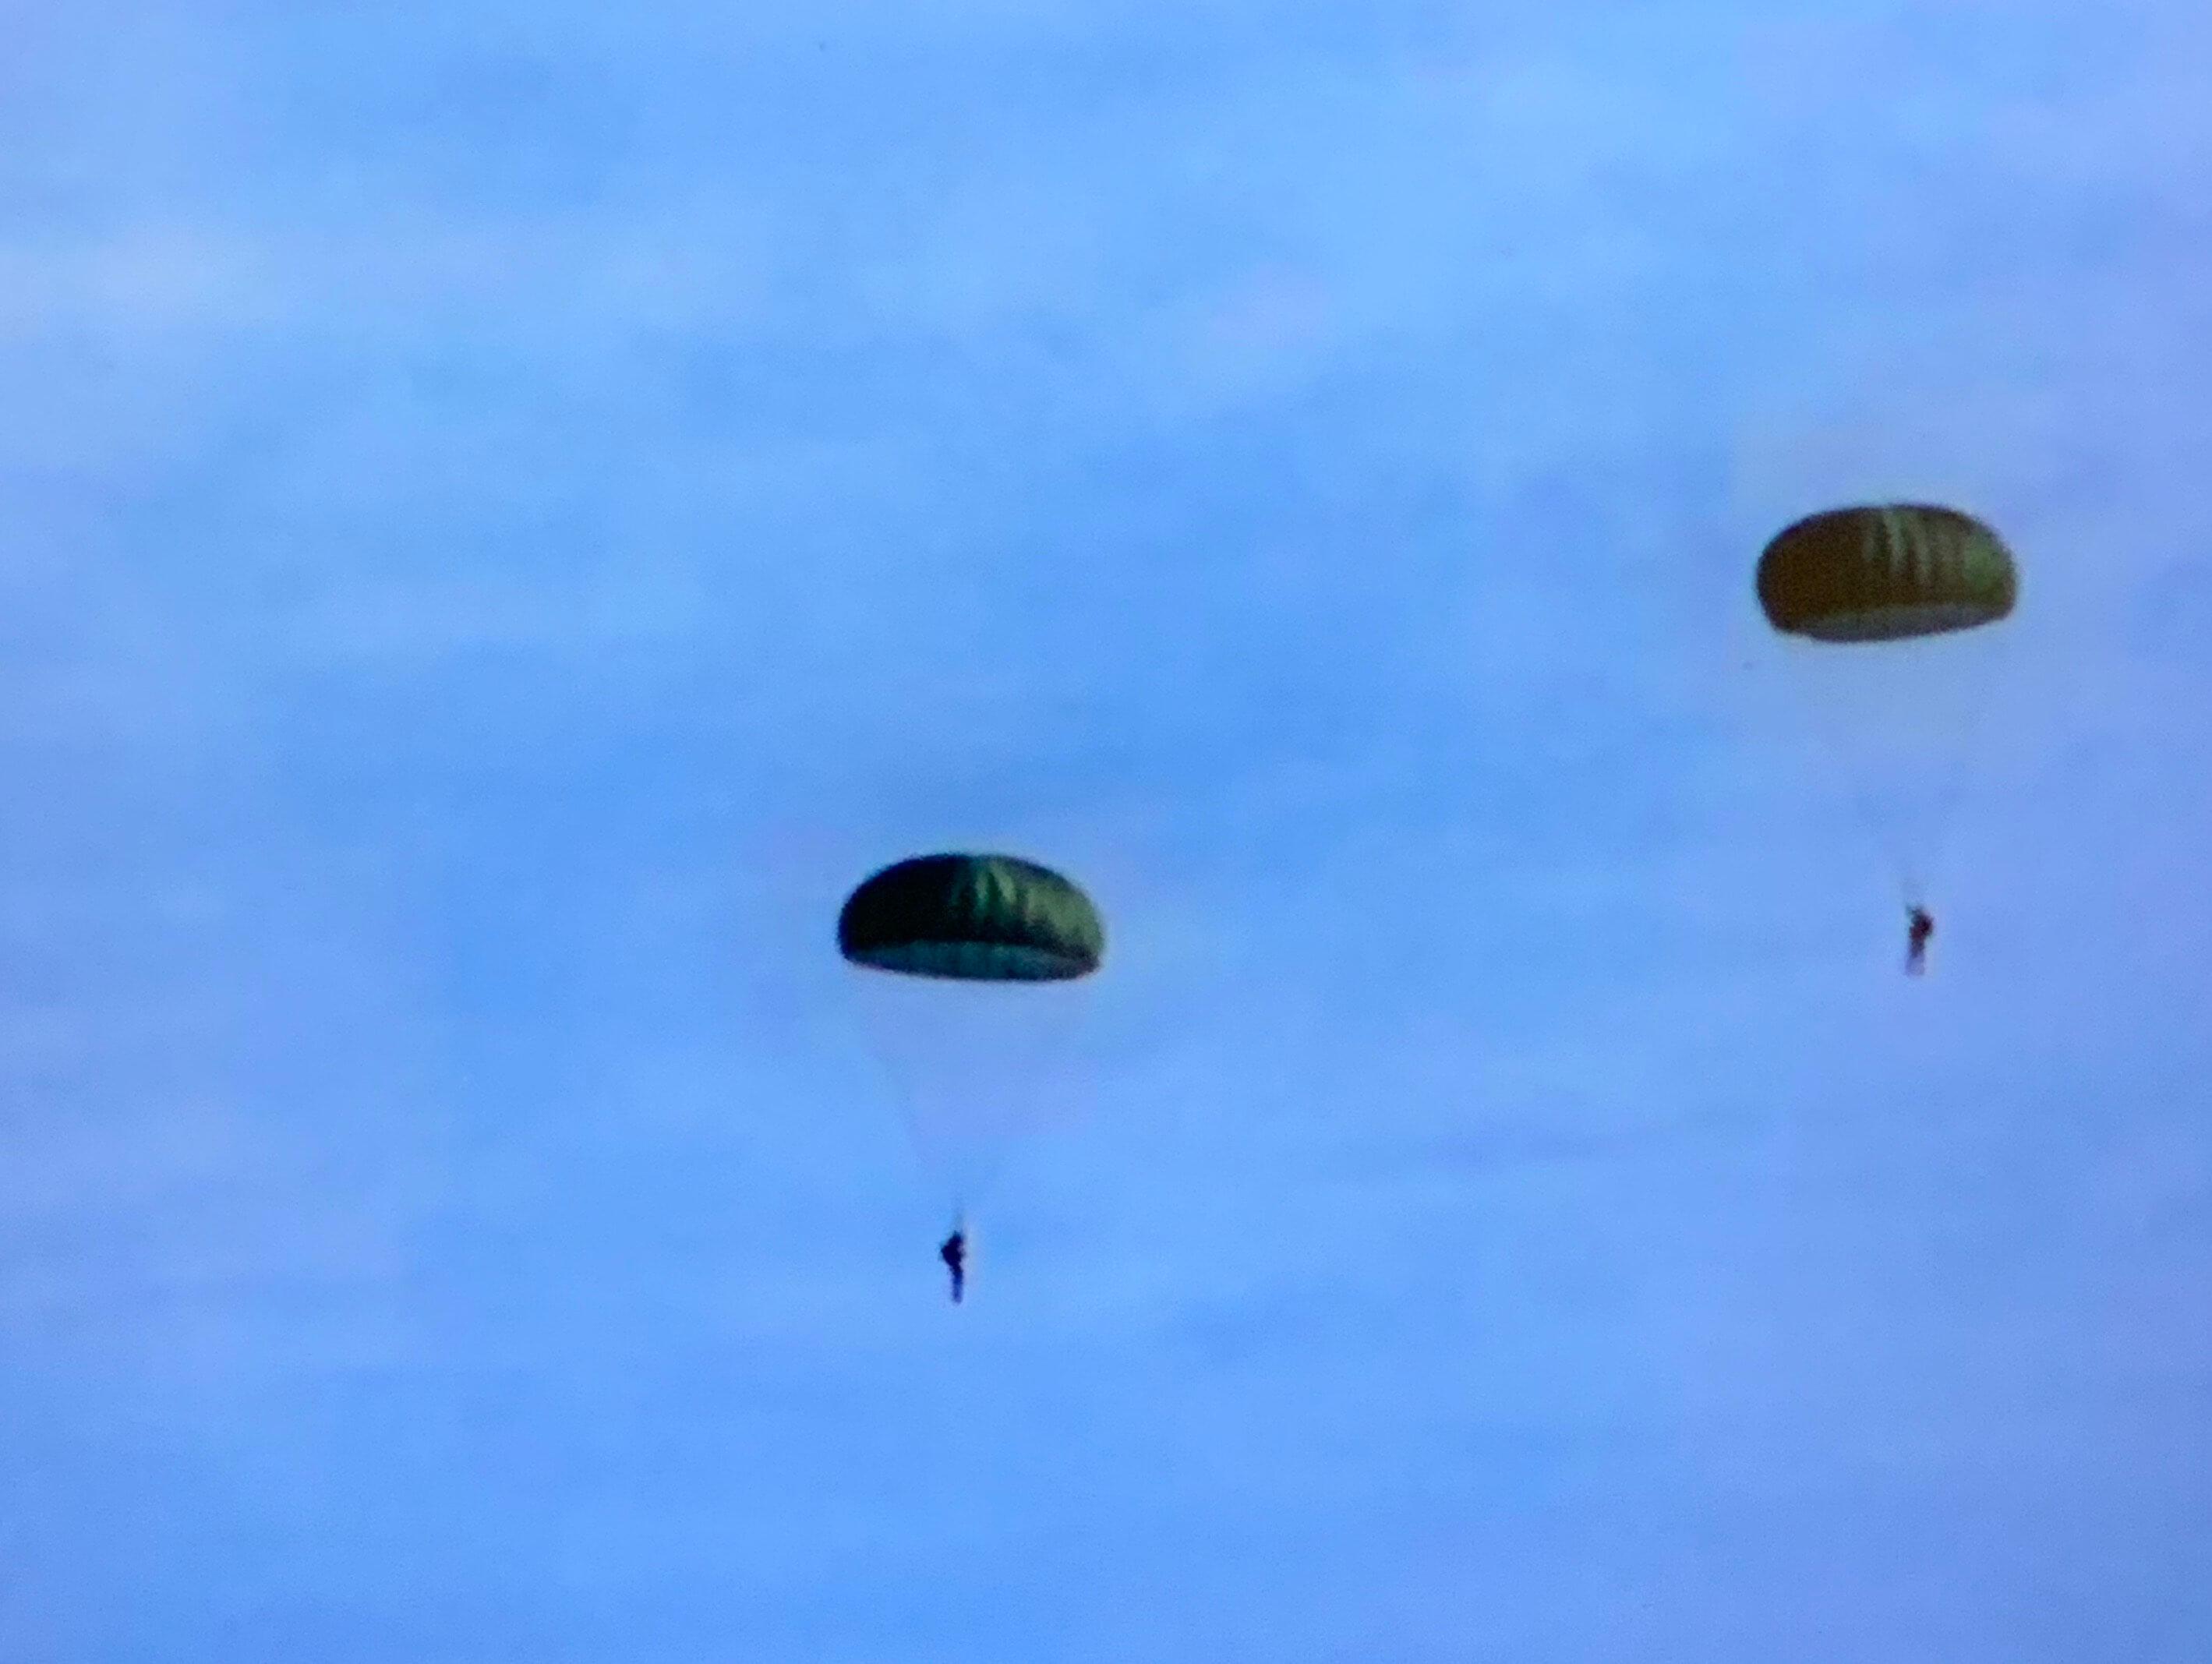 James Davis, Army Specialist, Parachuting